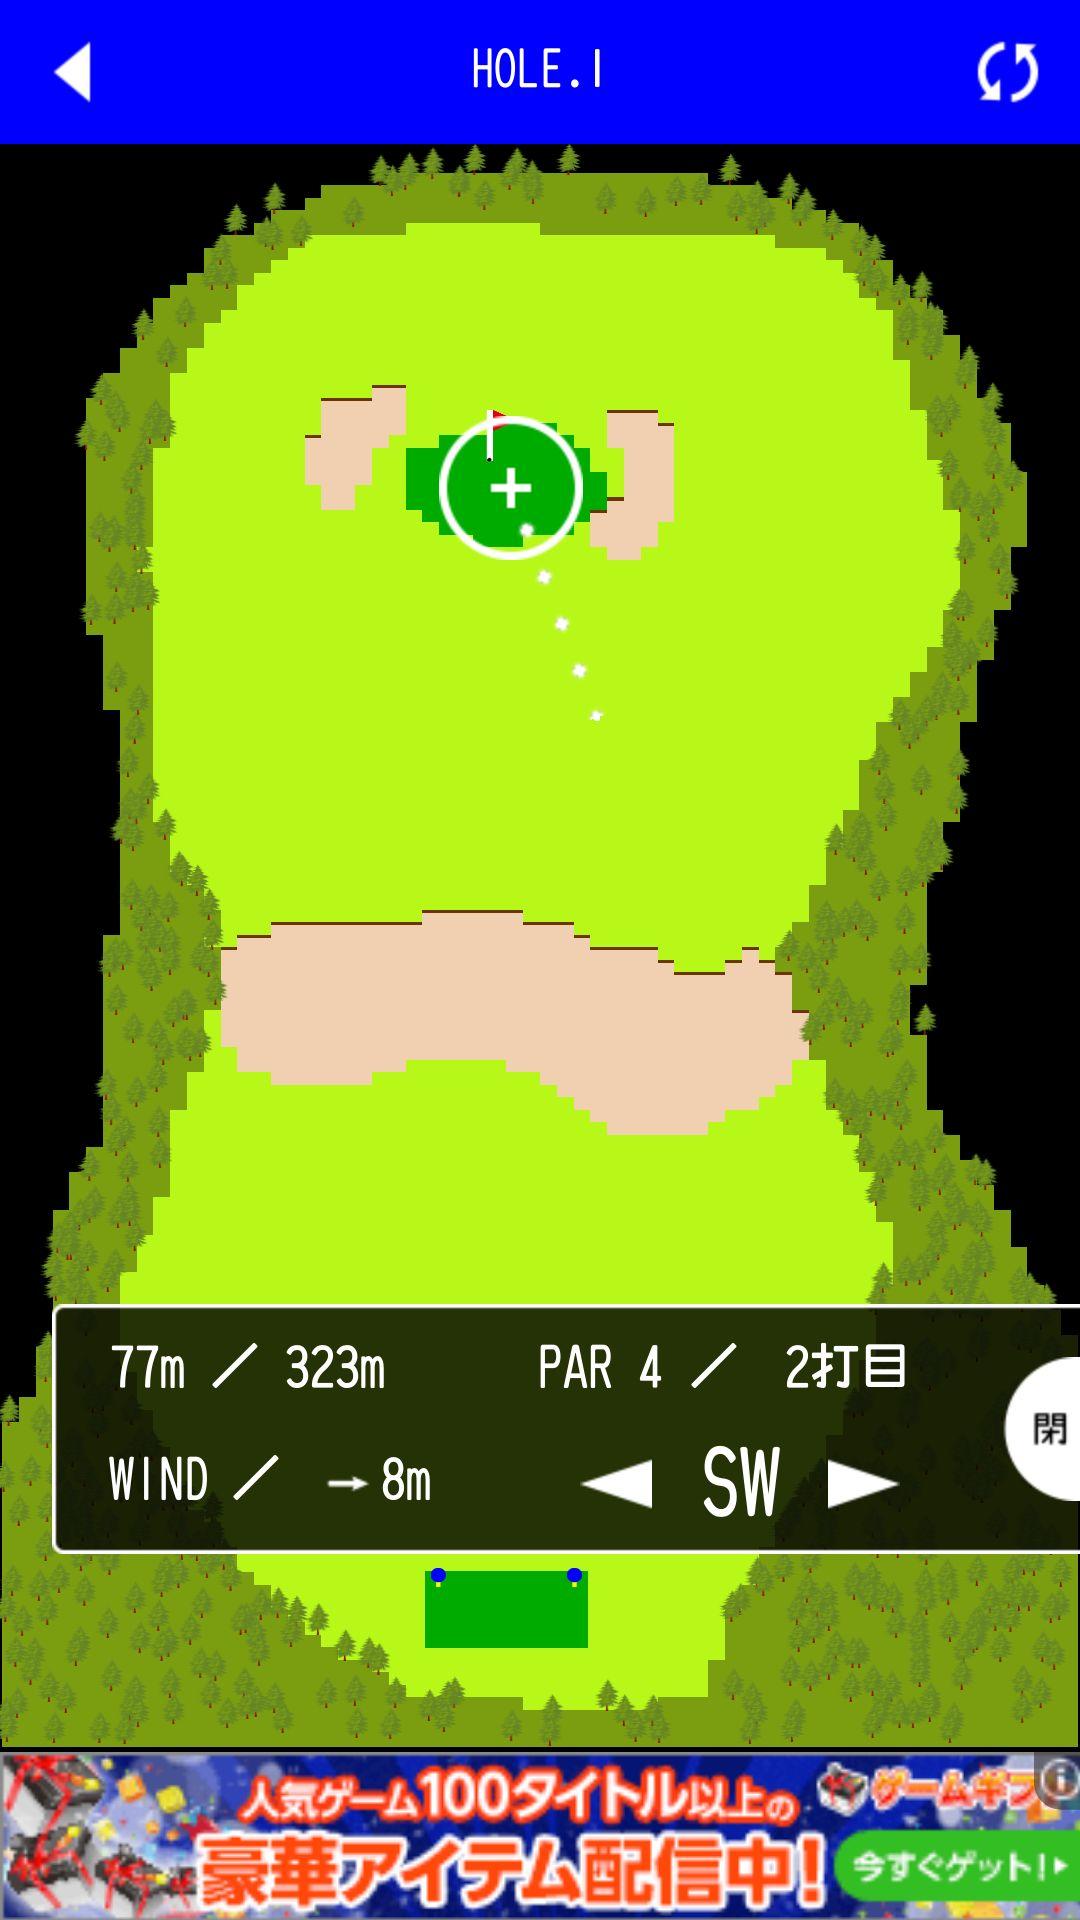 ゴルフ -THE GOLF- androidアプリスクリーンショット3